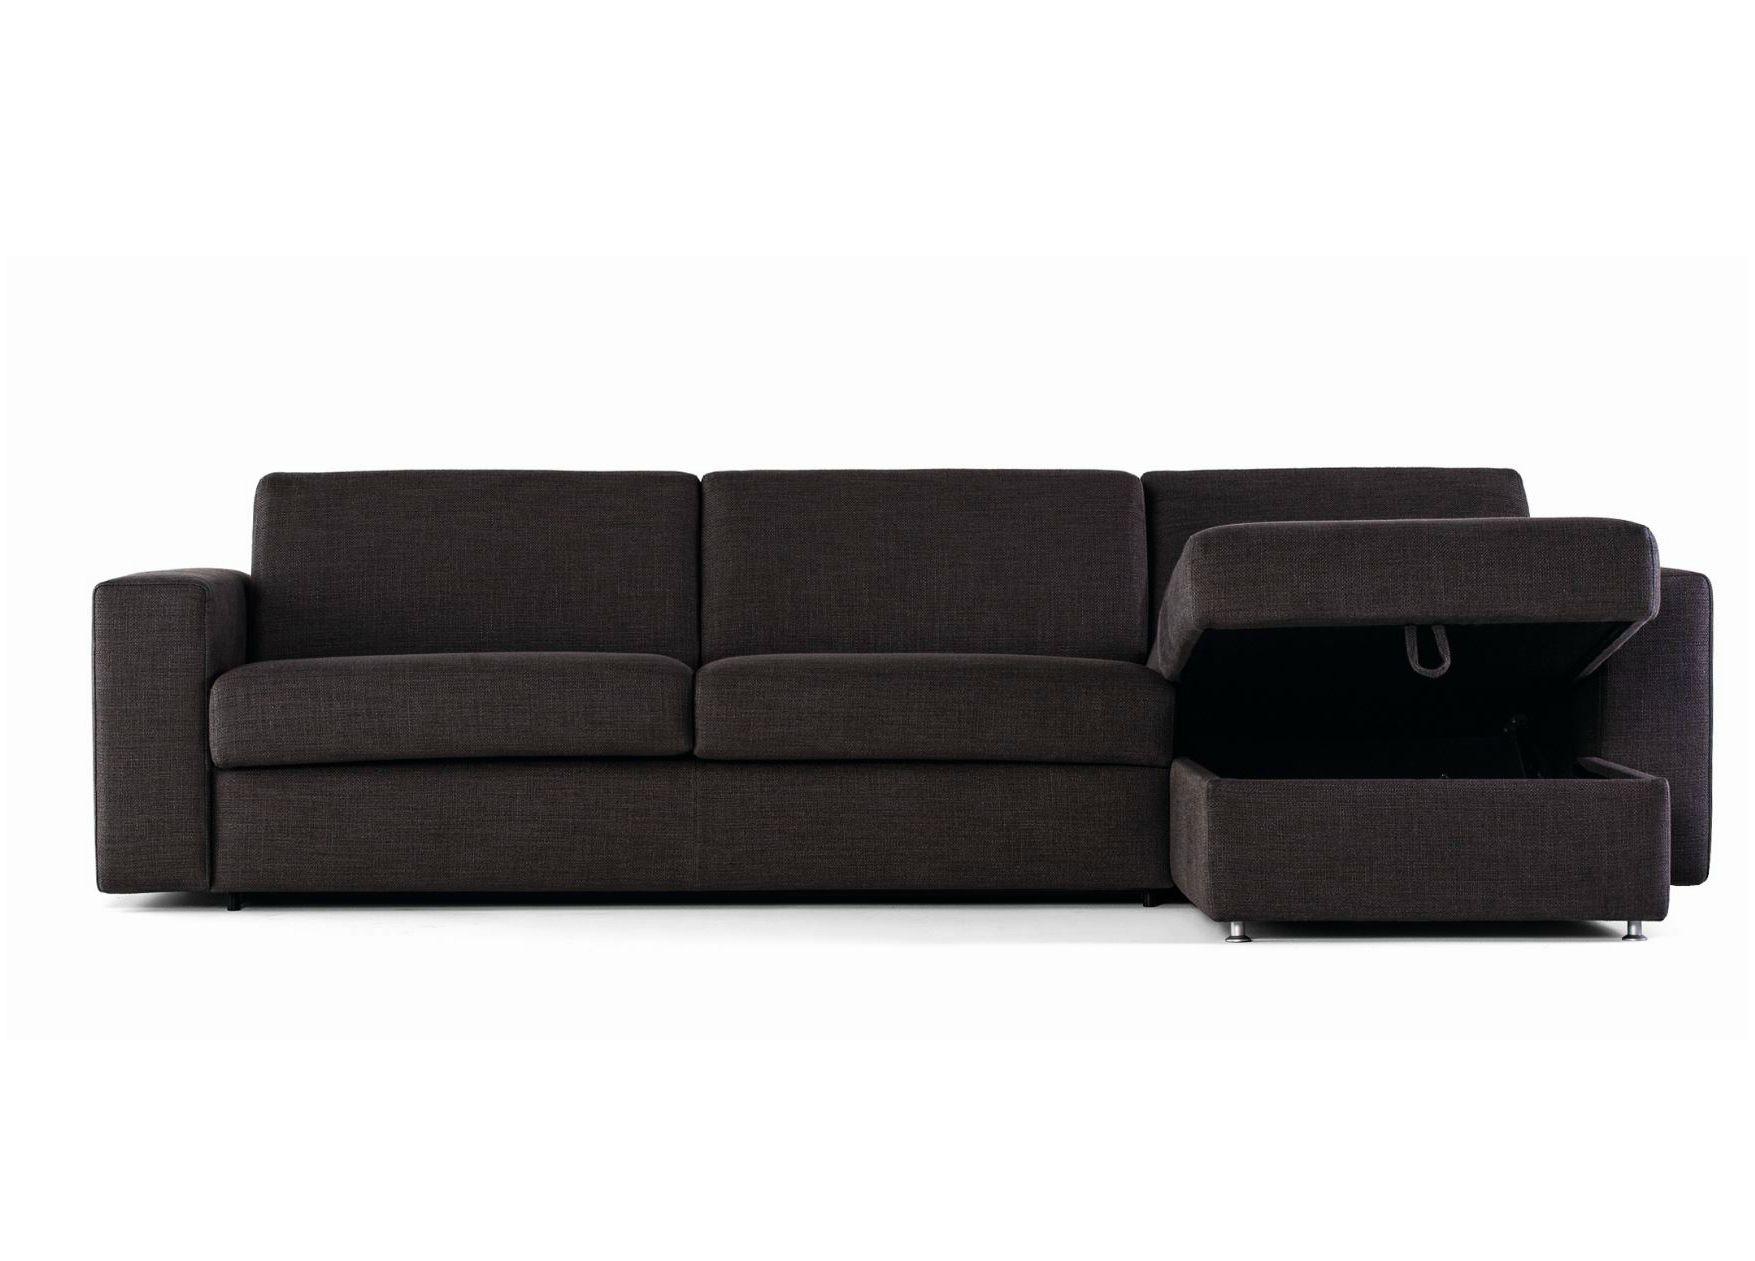 Divano letto in tessuto co co divano letto prostoria ltd for Divano colorato